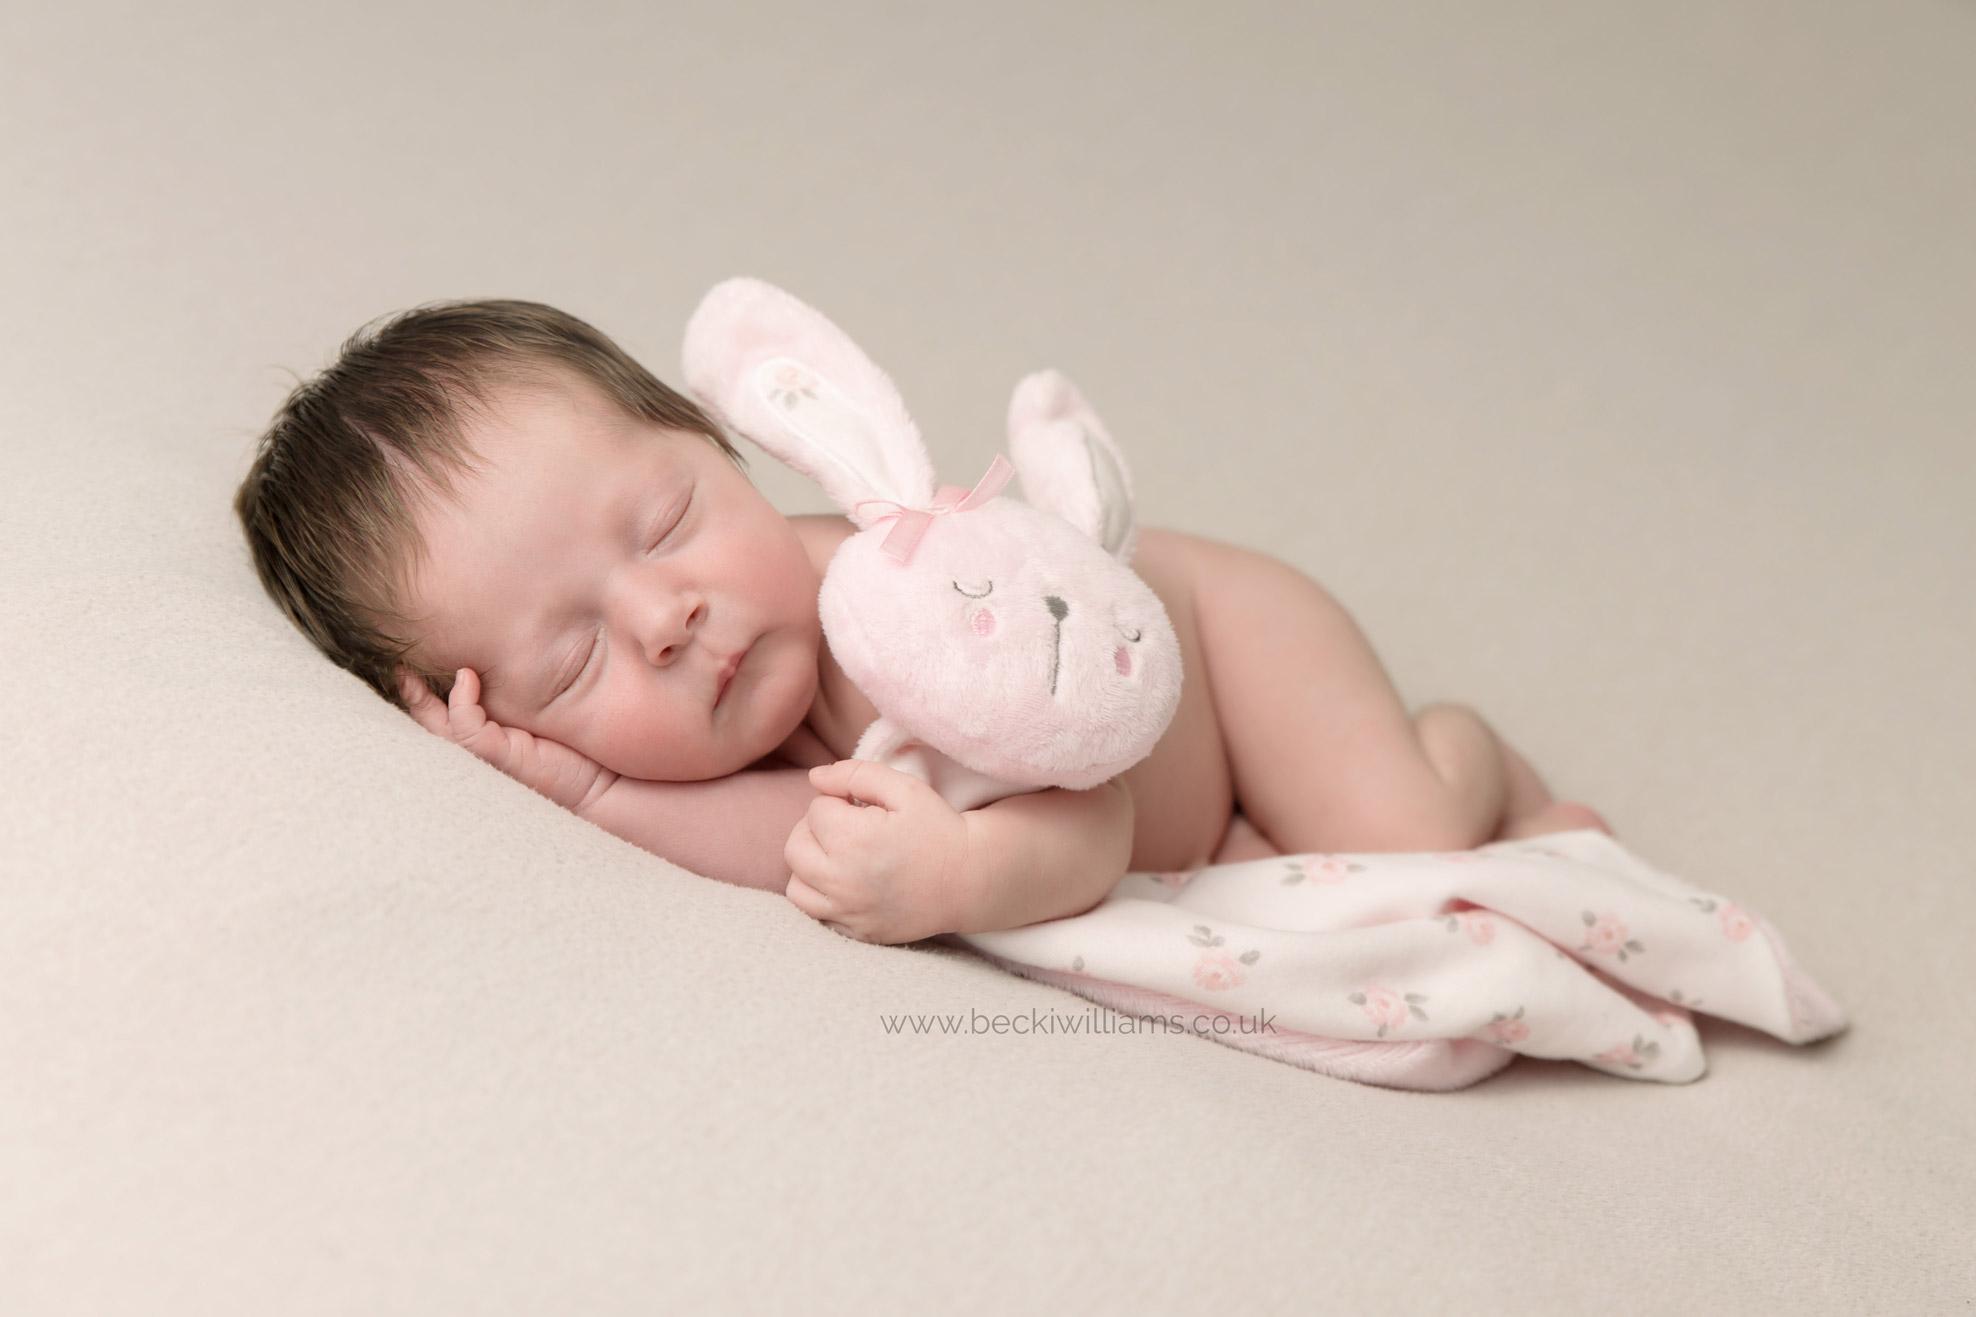 newborn baby girl hugs her bunny while sleeping during her newborn baby photo shoot in Hemel Hempstead